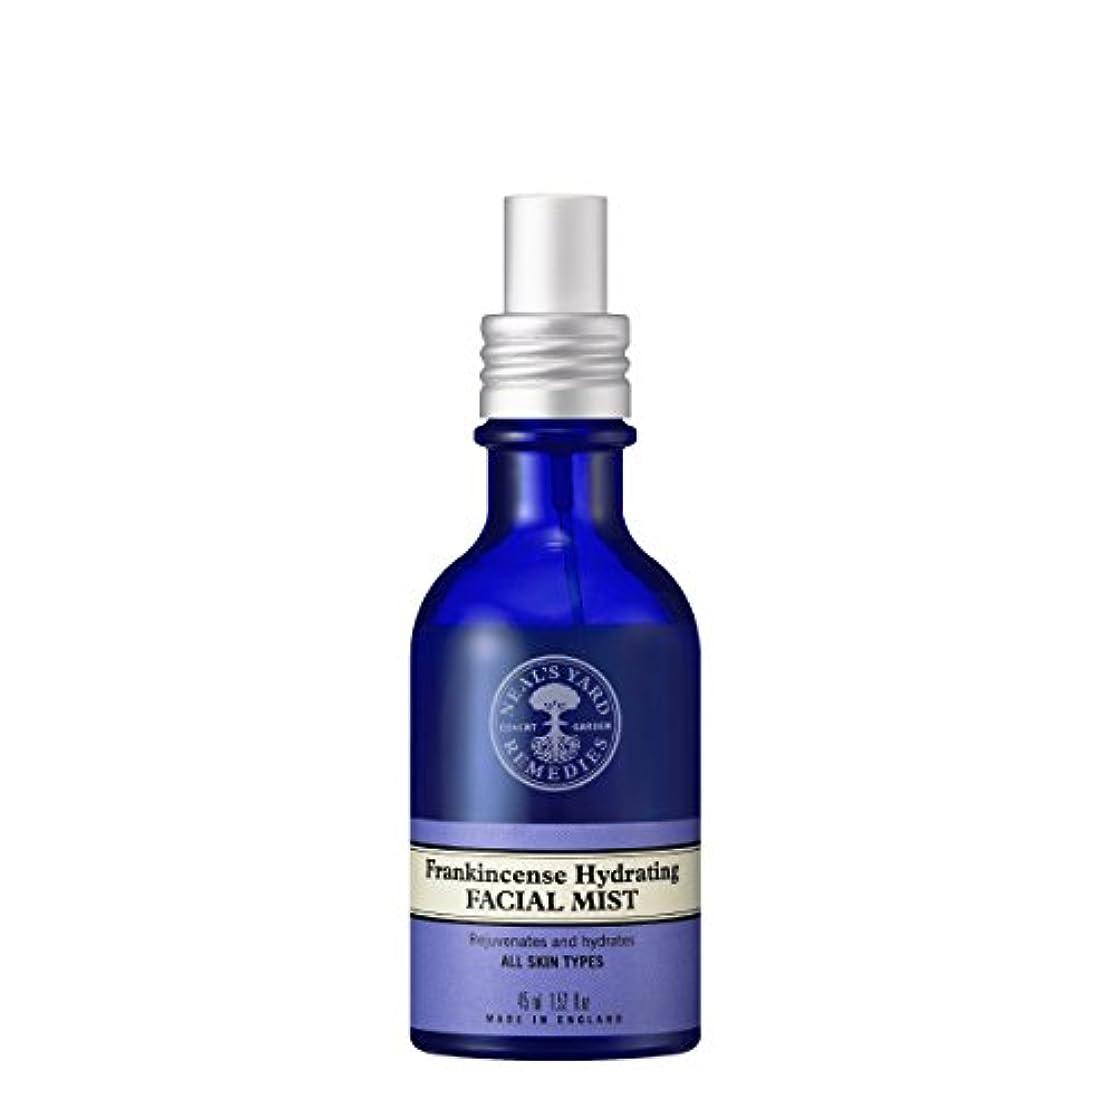 新しさ名前で微視的ニールズヤード レメディーズ フランキンセンスハイドレイティングミスト(保湿用化粧水) 45ml